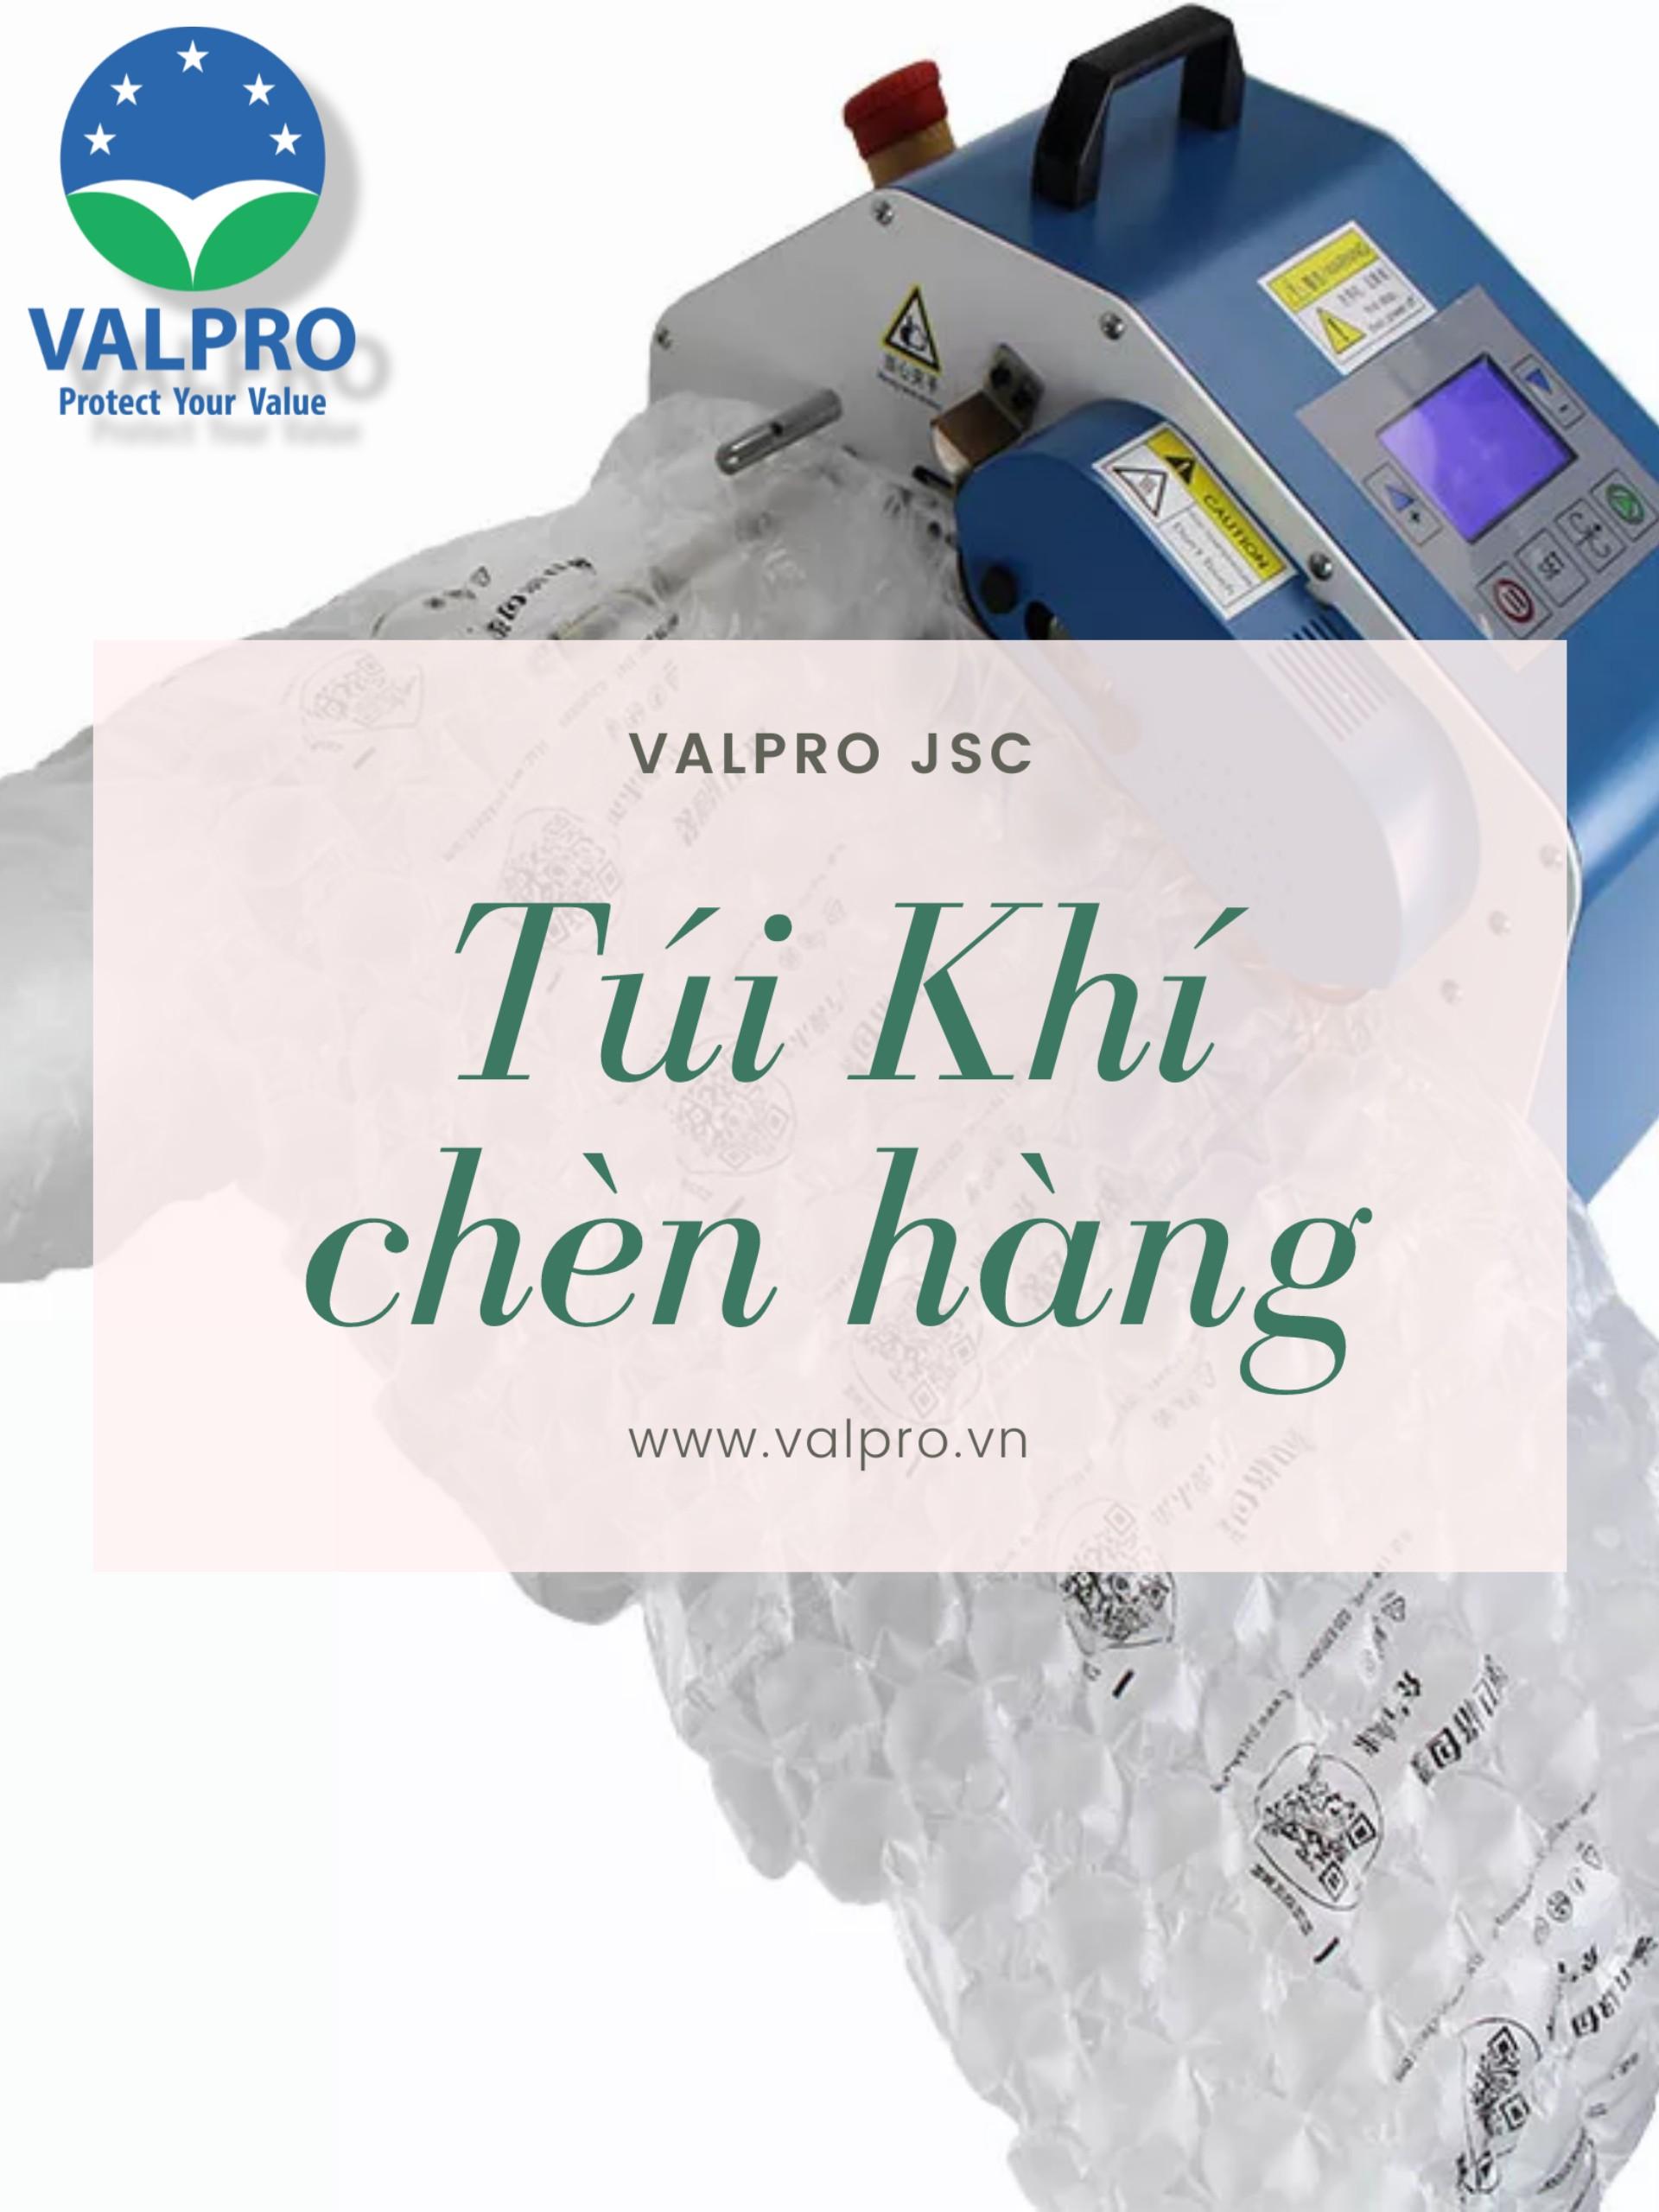 TÚI KHÍ CHÈN HÀNG